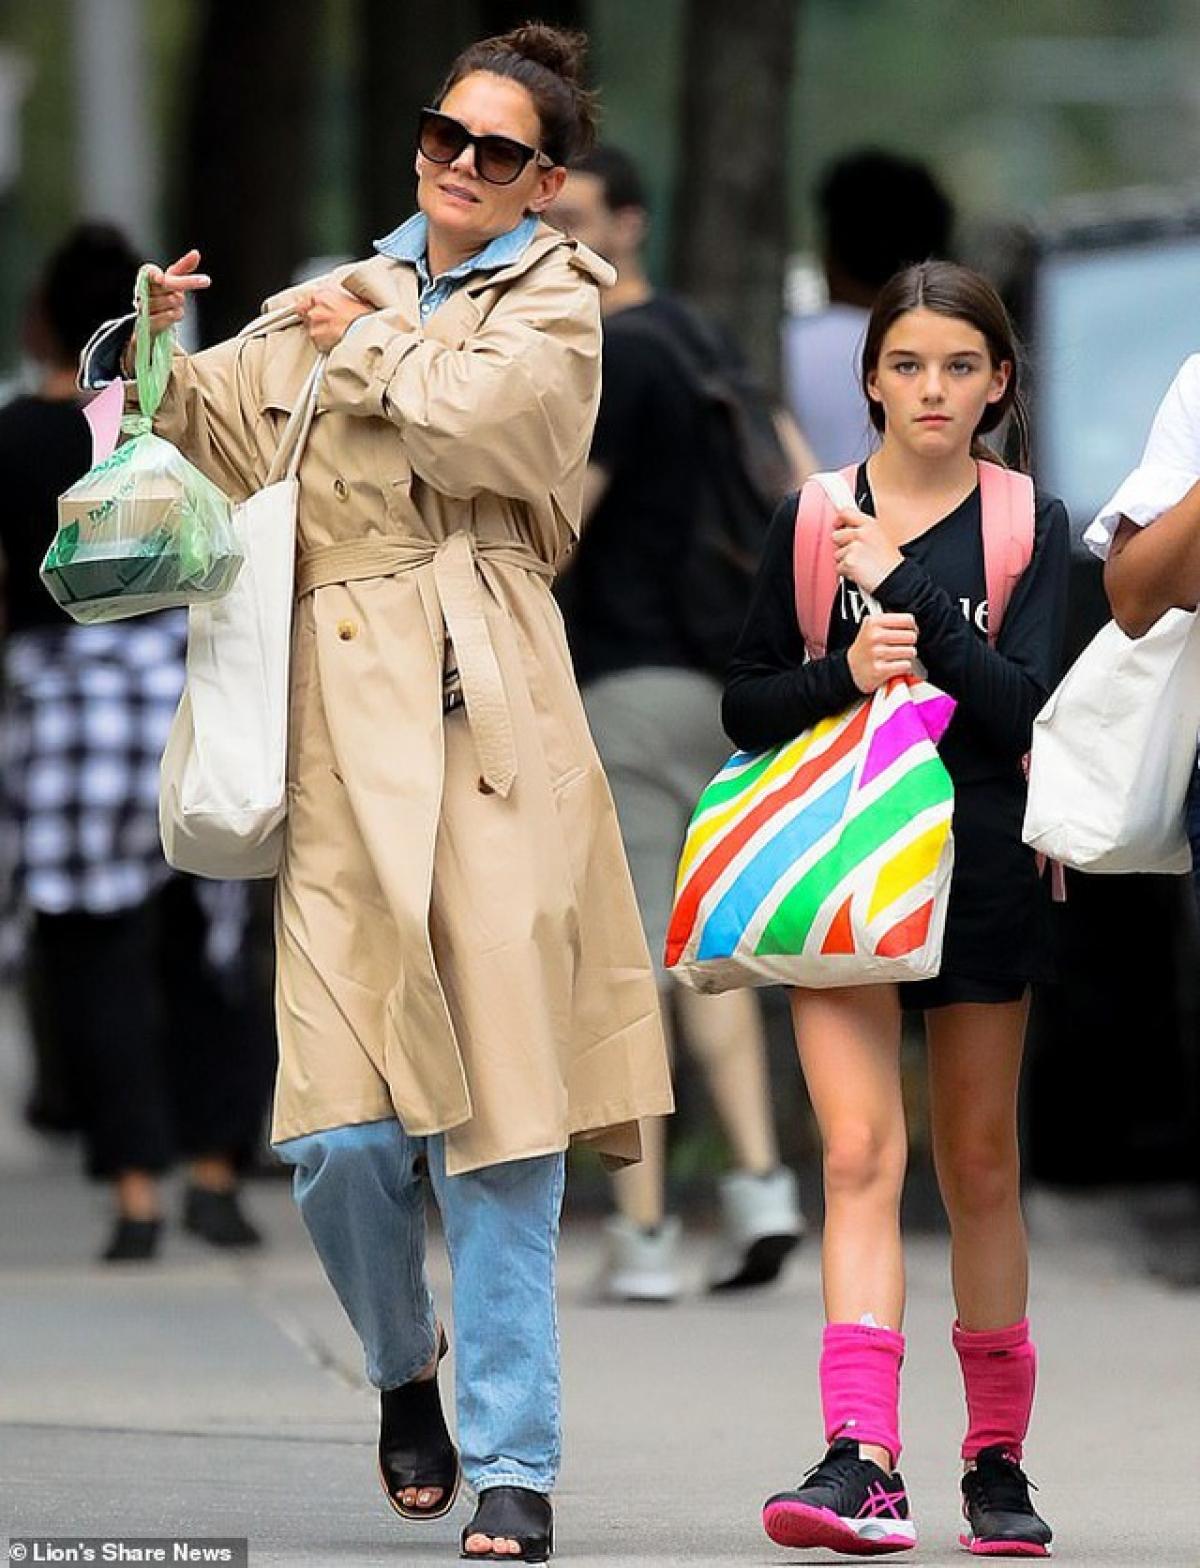 Suri Cruise và mẹ Katie Holmes hiện đang có cuộc sống kín đáo, bình lặng tại New York.